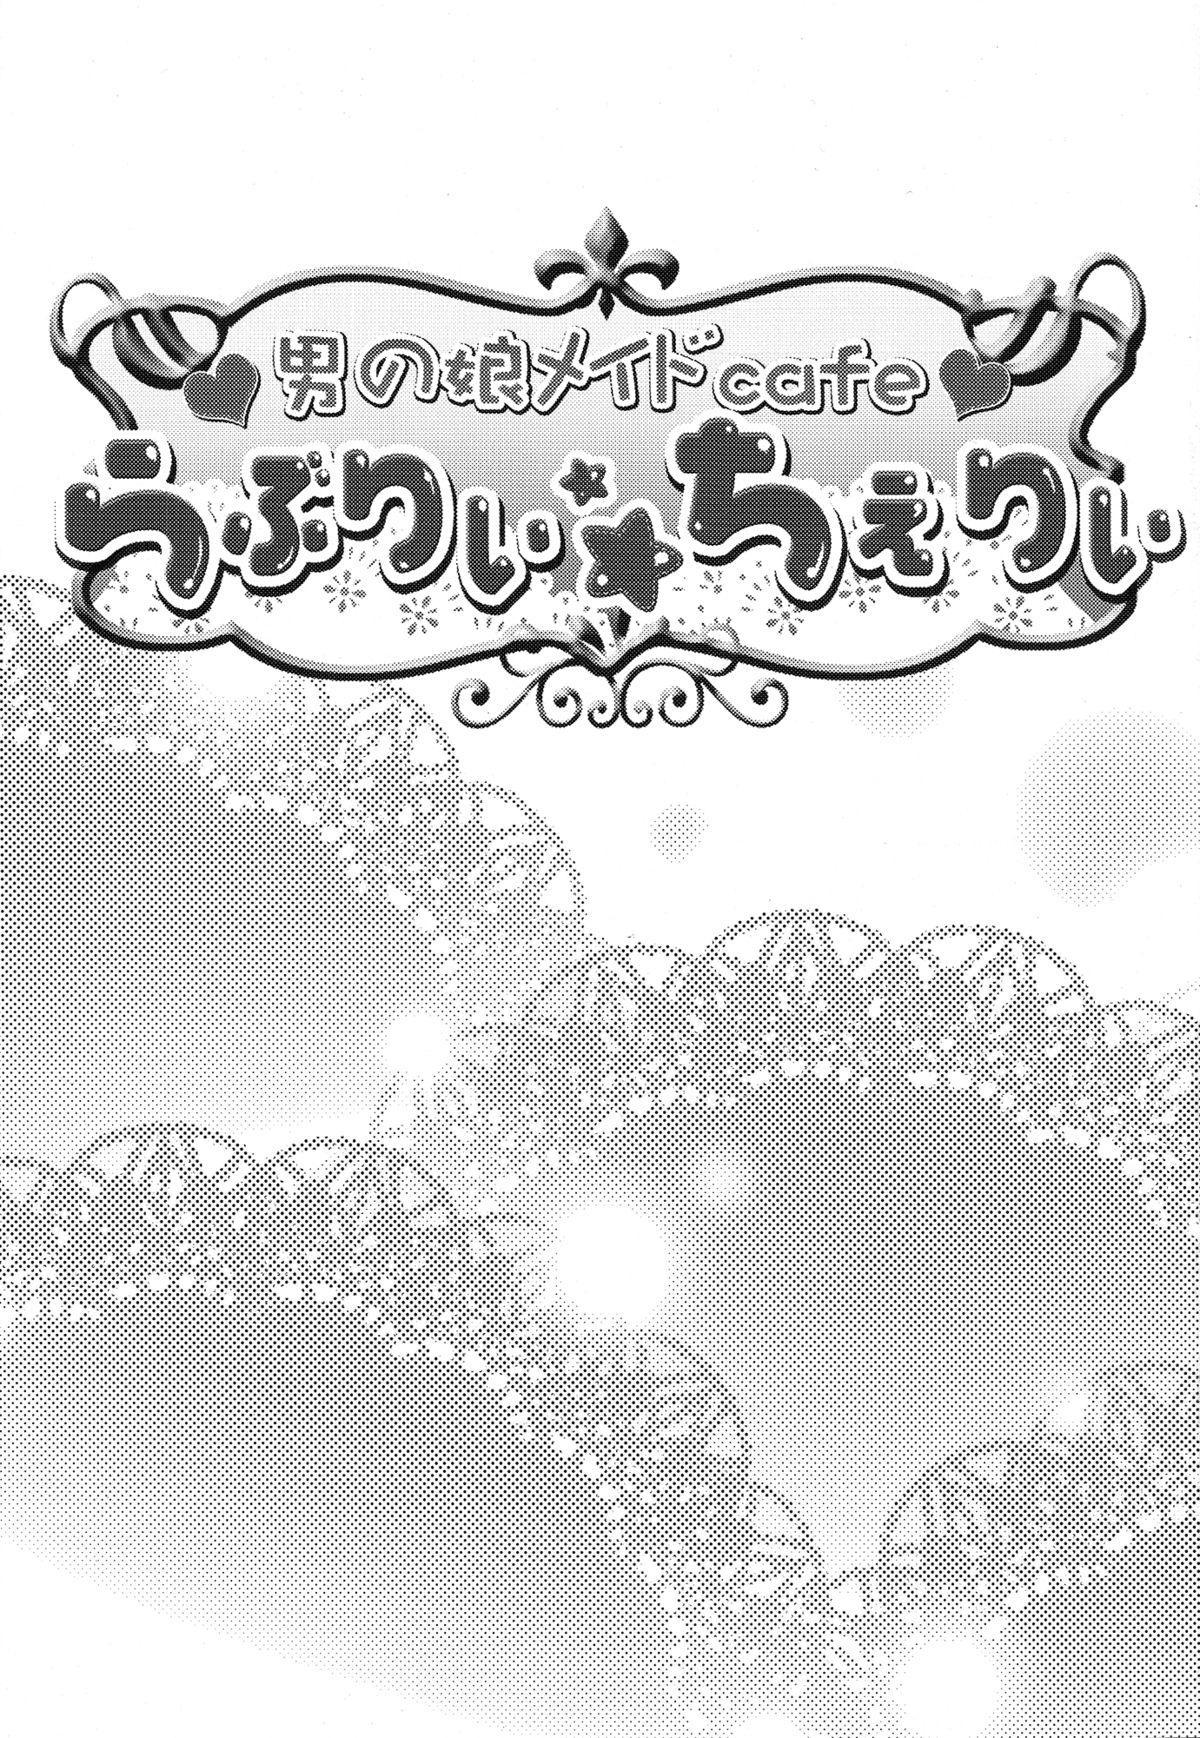 Otokonoko Maid Cafe Lovely Cherry ni Jiage ni Ittekimashita 1